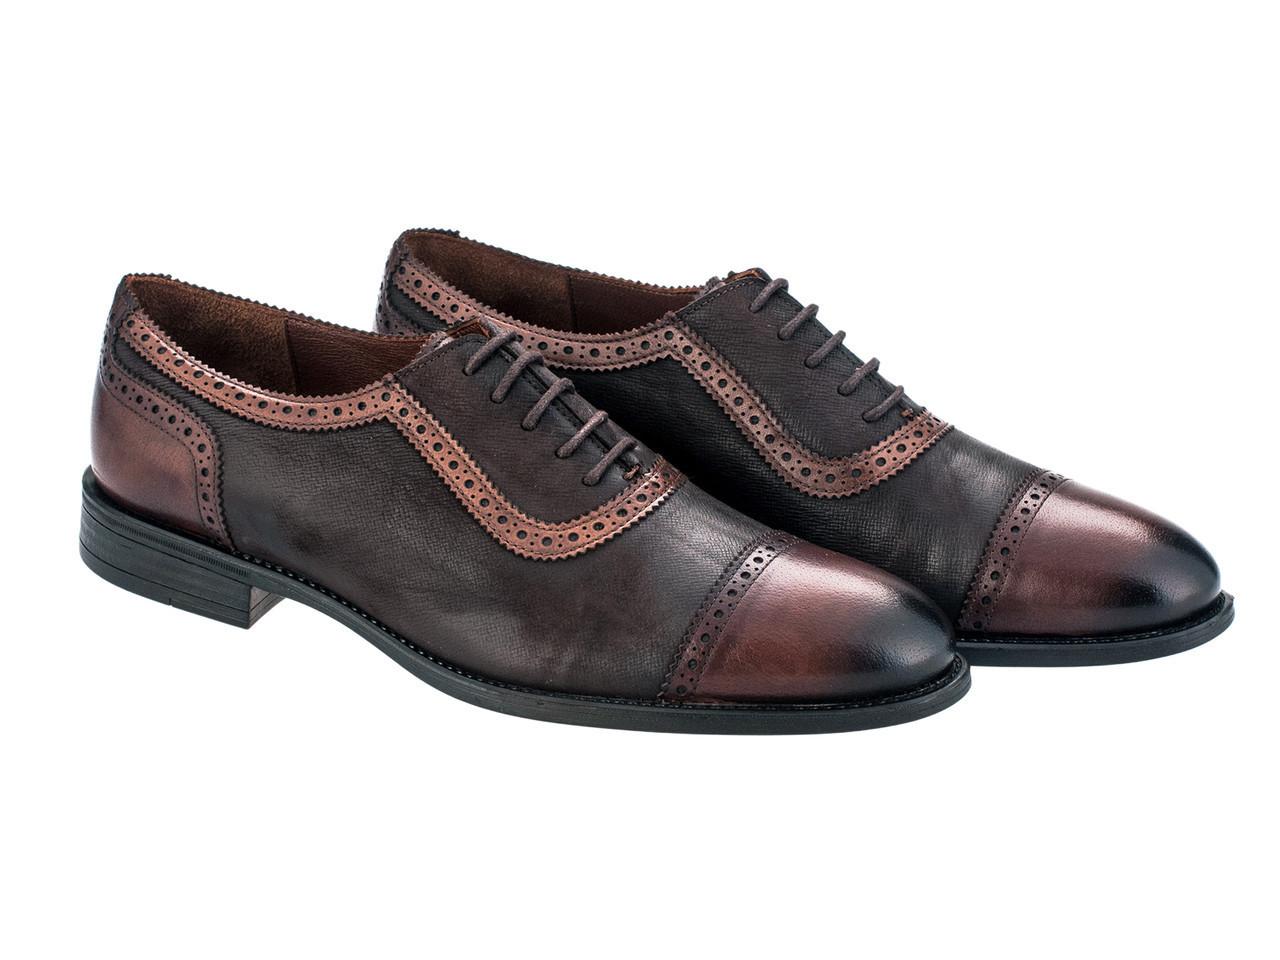 Броги Etor 13936-7257 43 коричневые